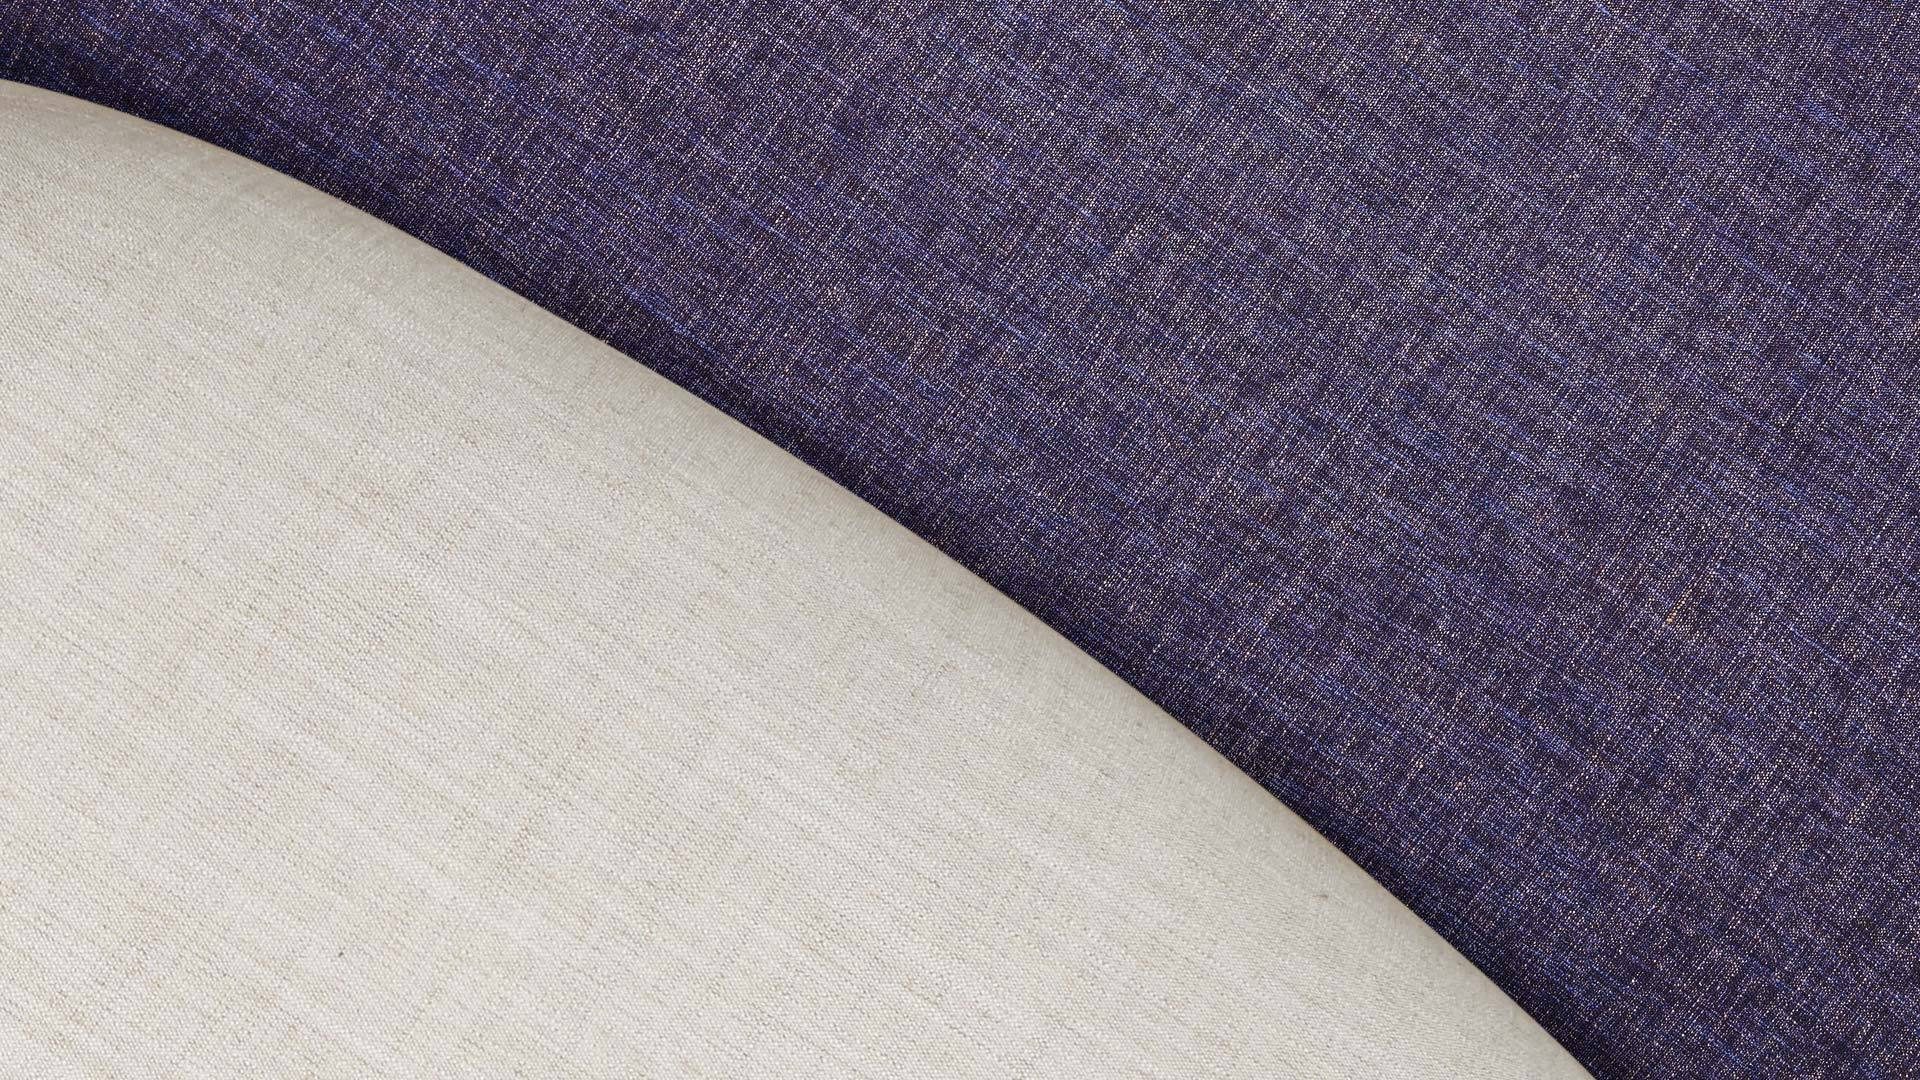 NCS香草紫/米杏,涤纶混纺,经久耐用